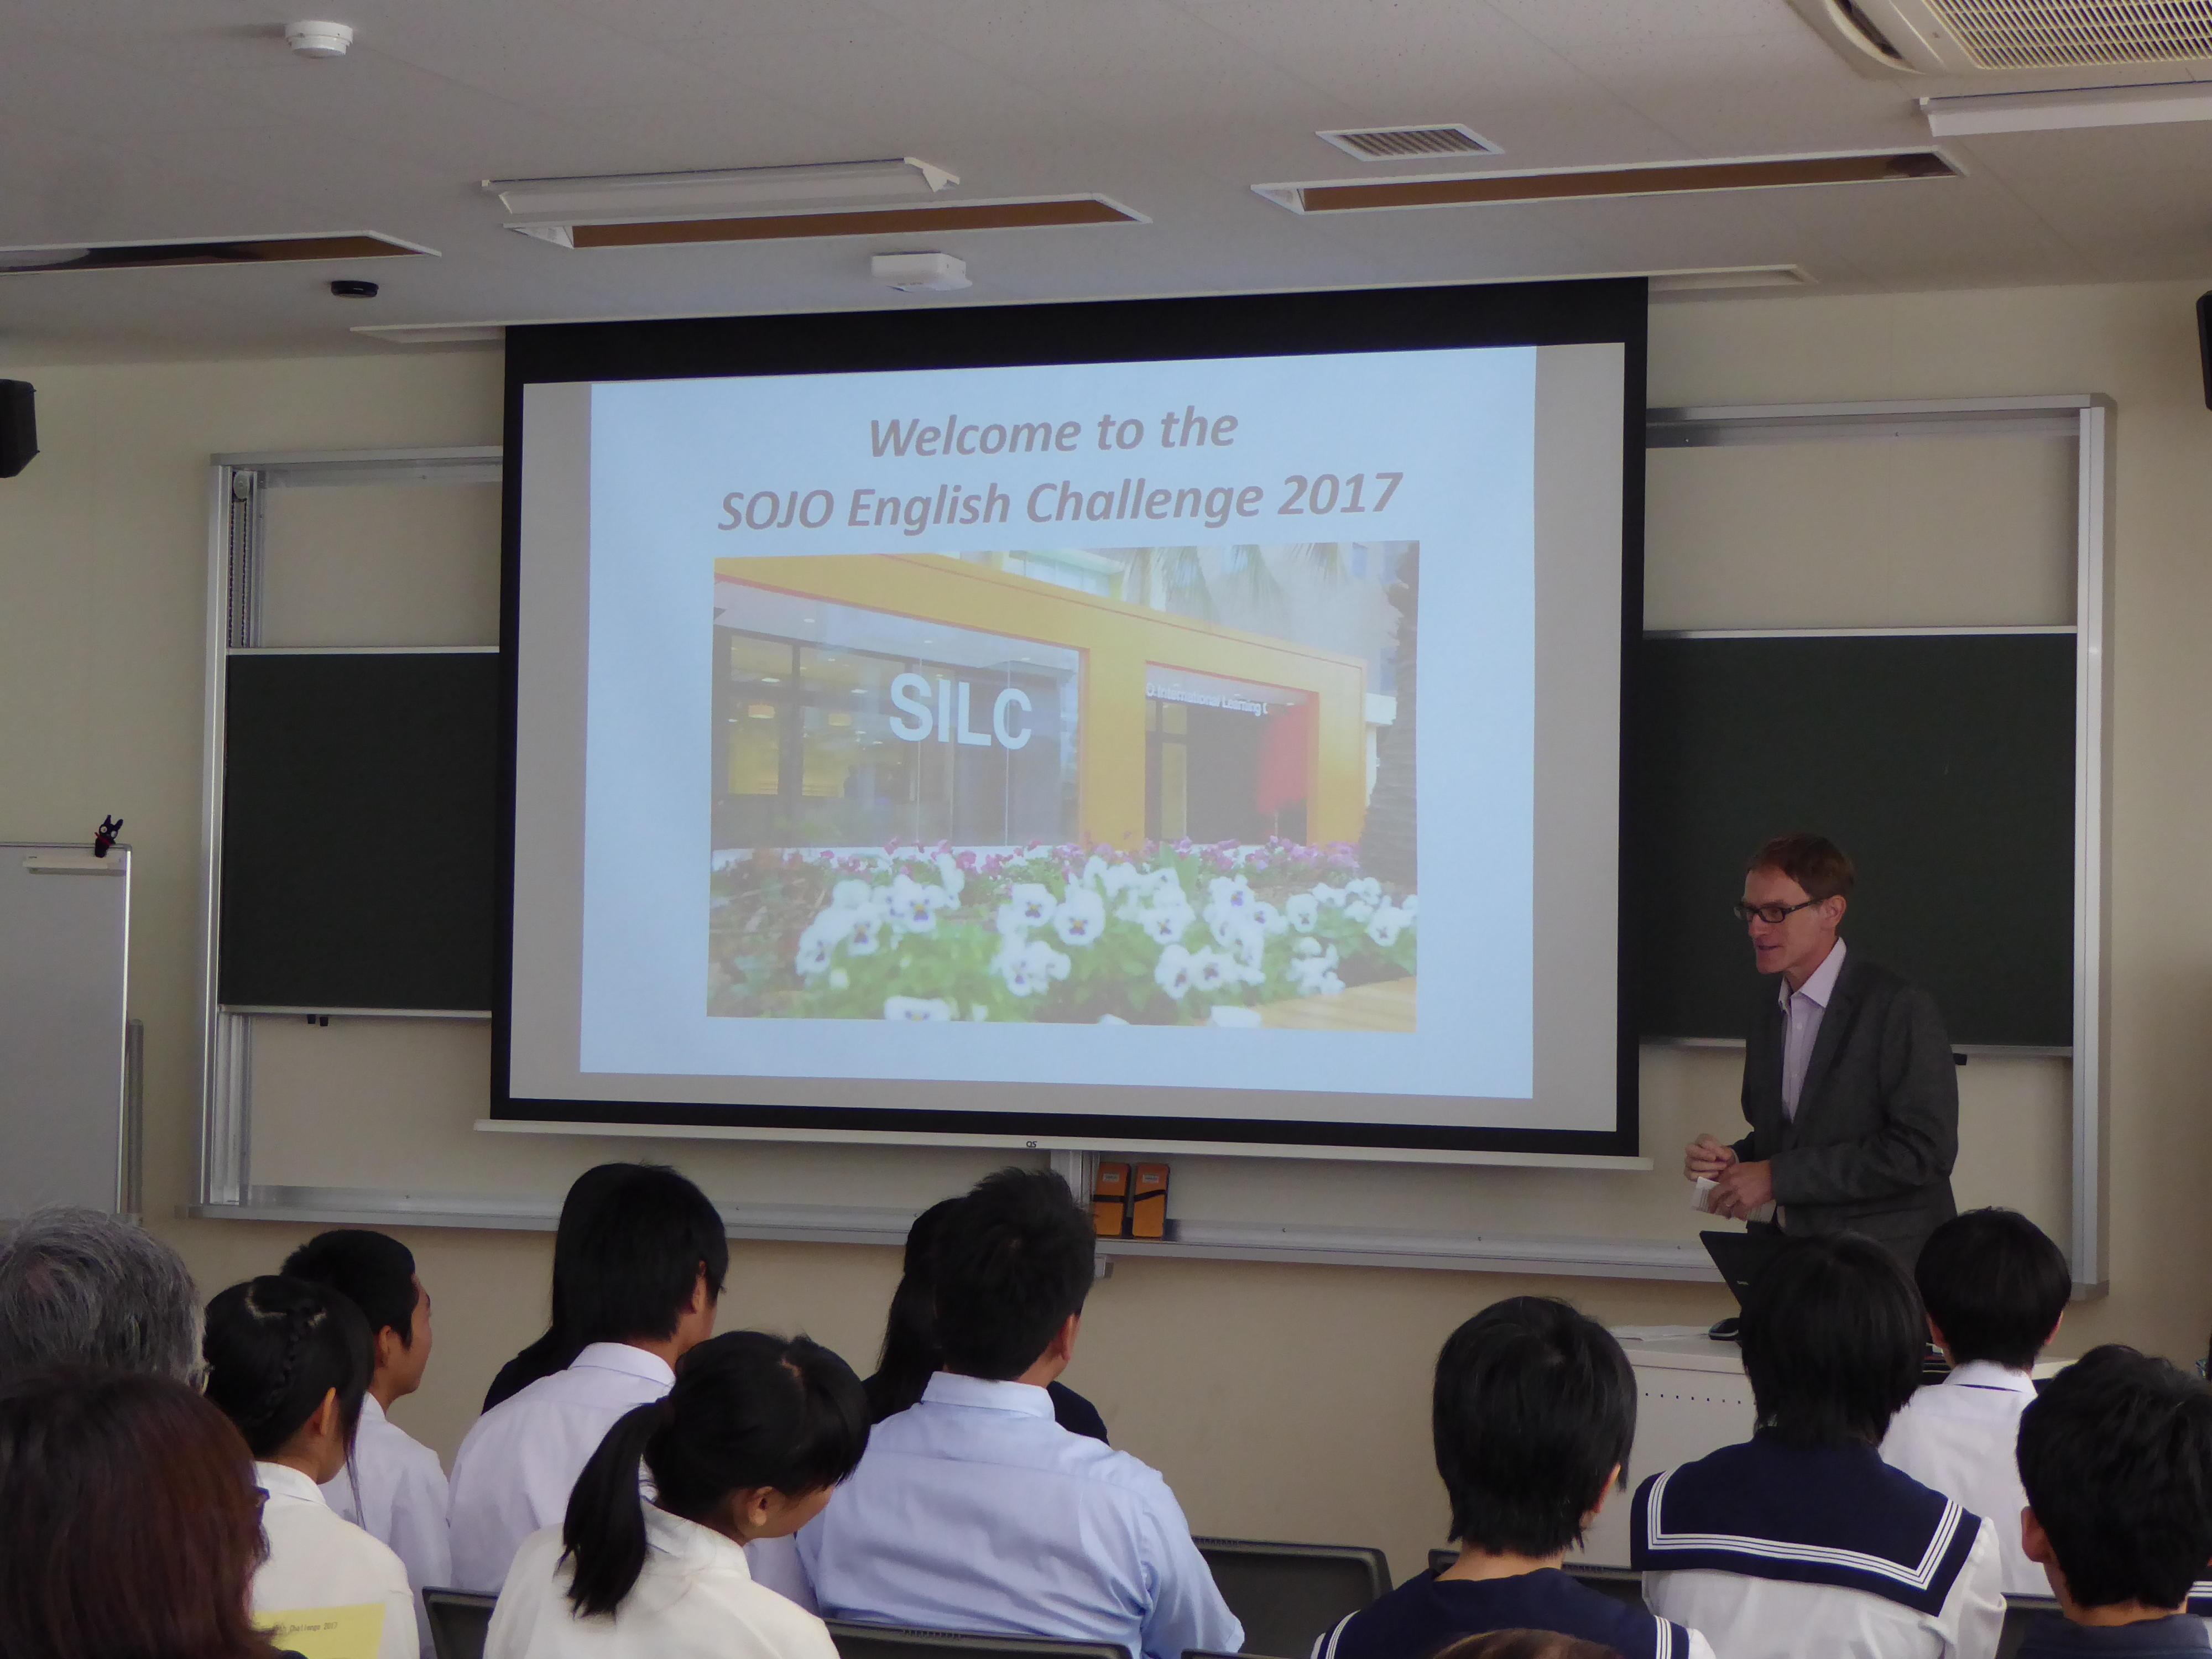 崇城大学が9月29日に「SOJO English Challenge 2018」を開催 -- 九州各地から16チームが参加、高校生が英語でプレゼン